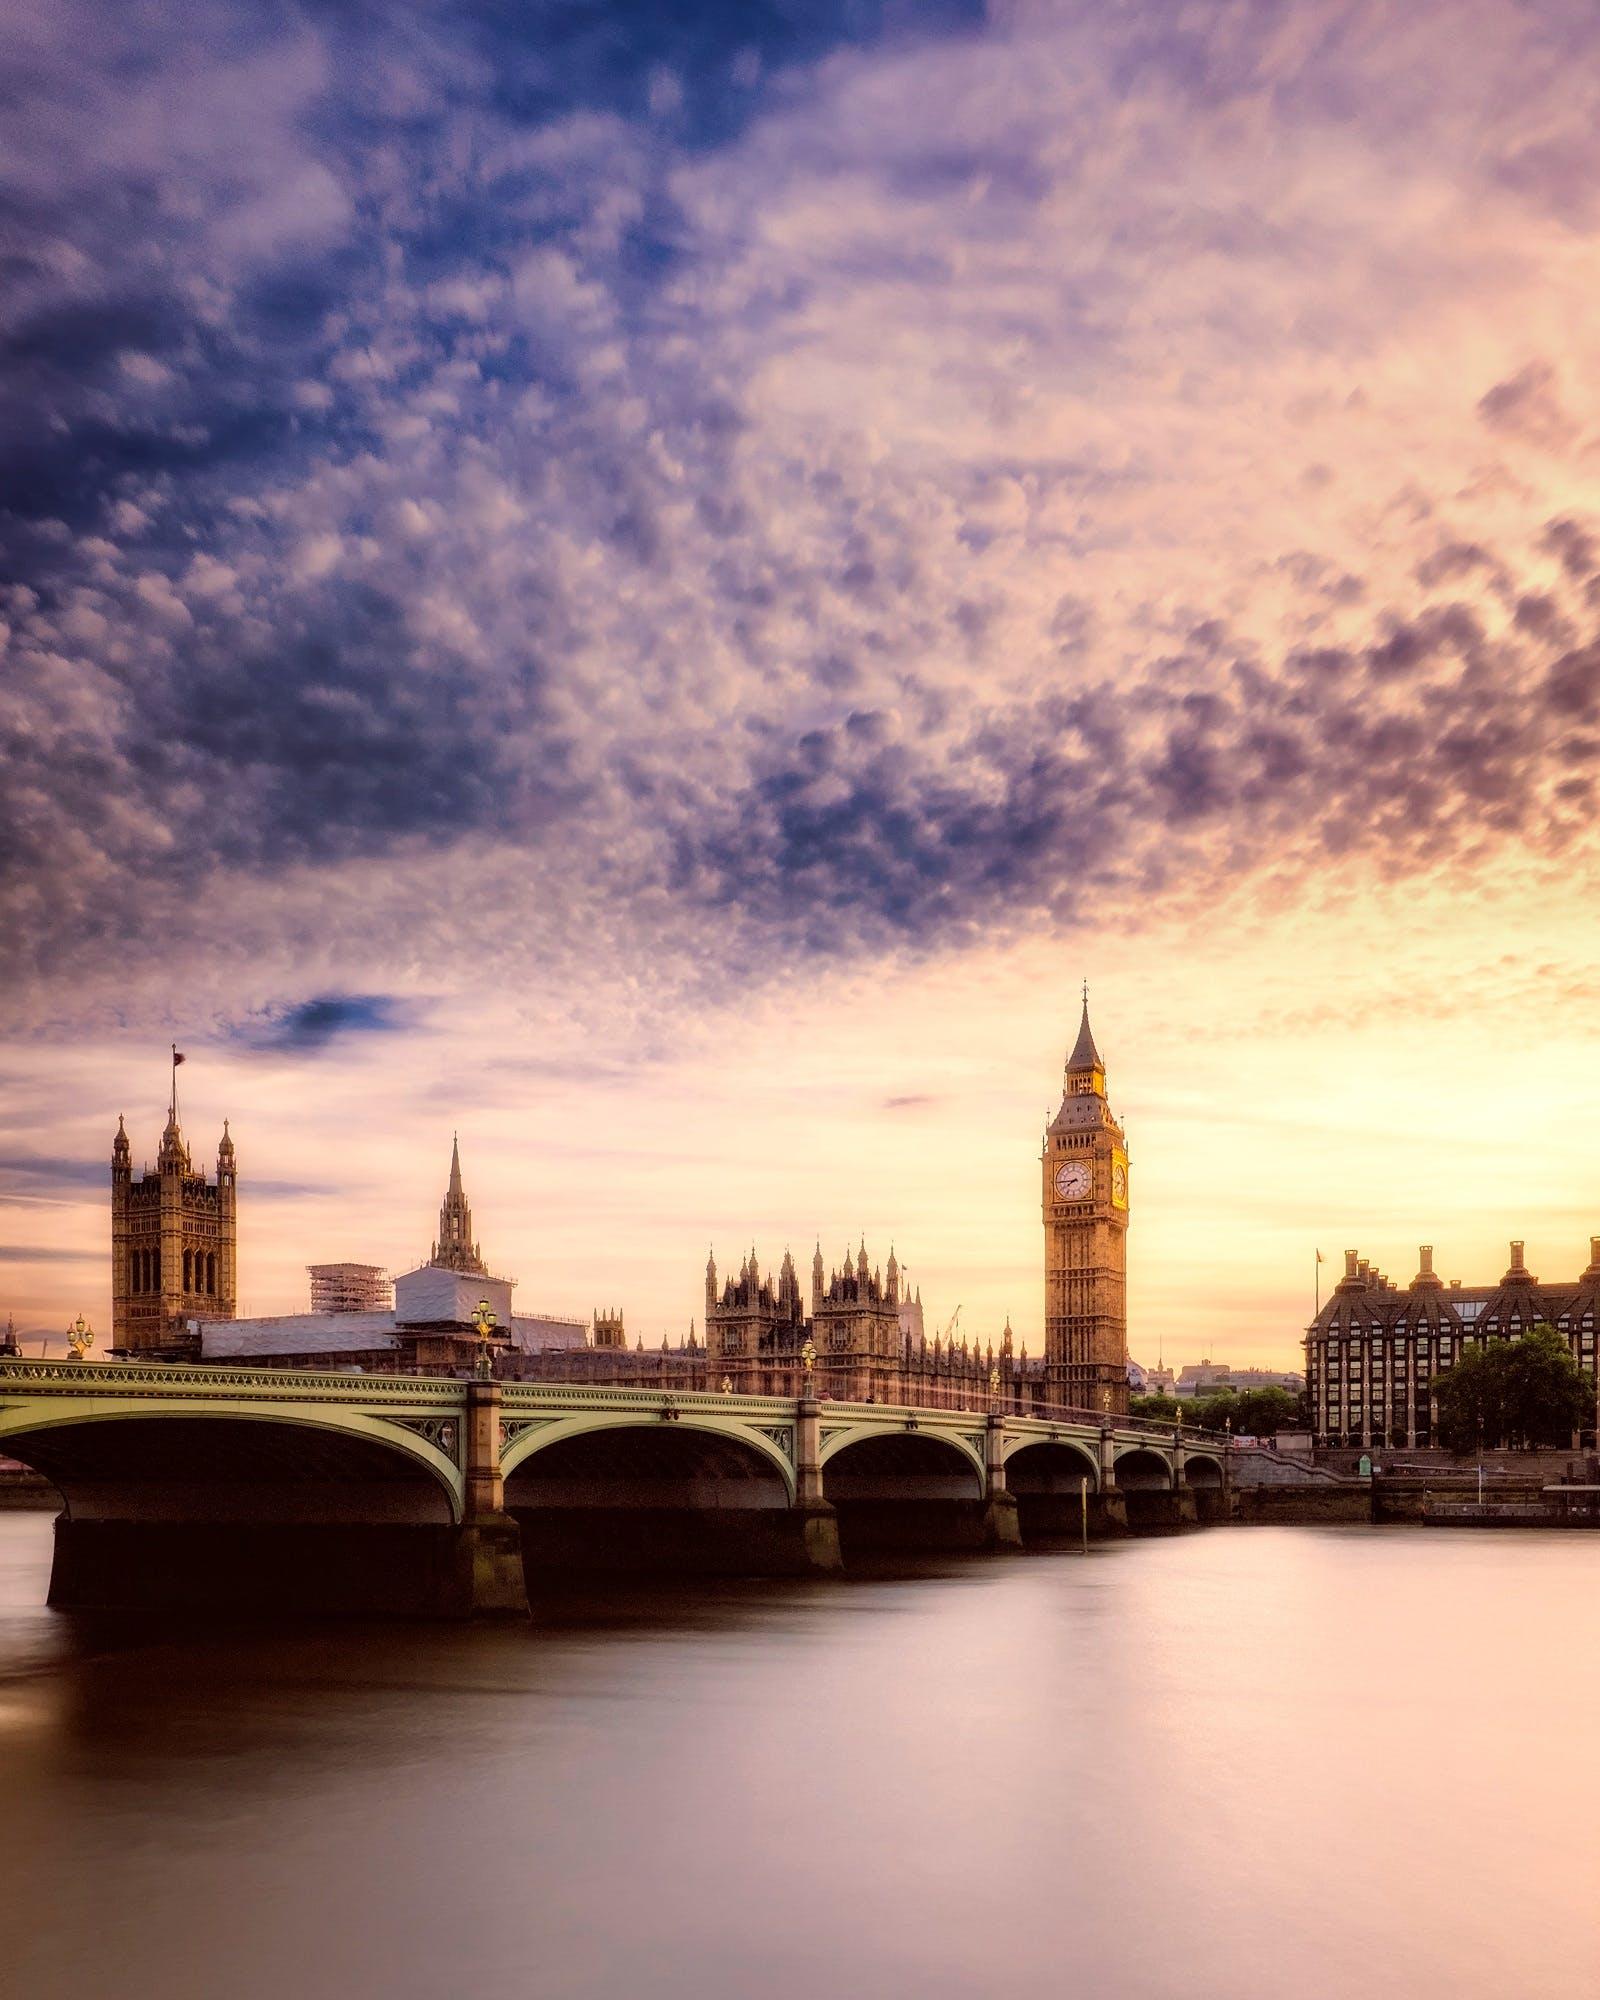 고딕 스타일, 구름, 다리, 도시의 무료 스톡 사진